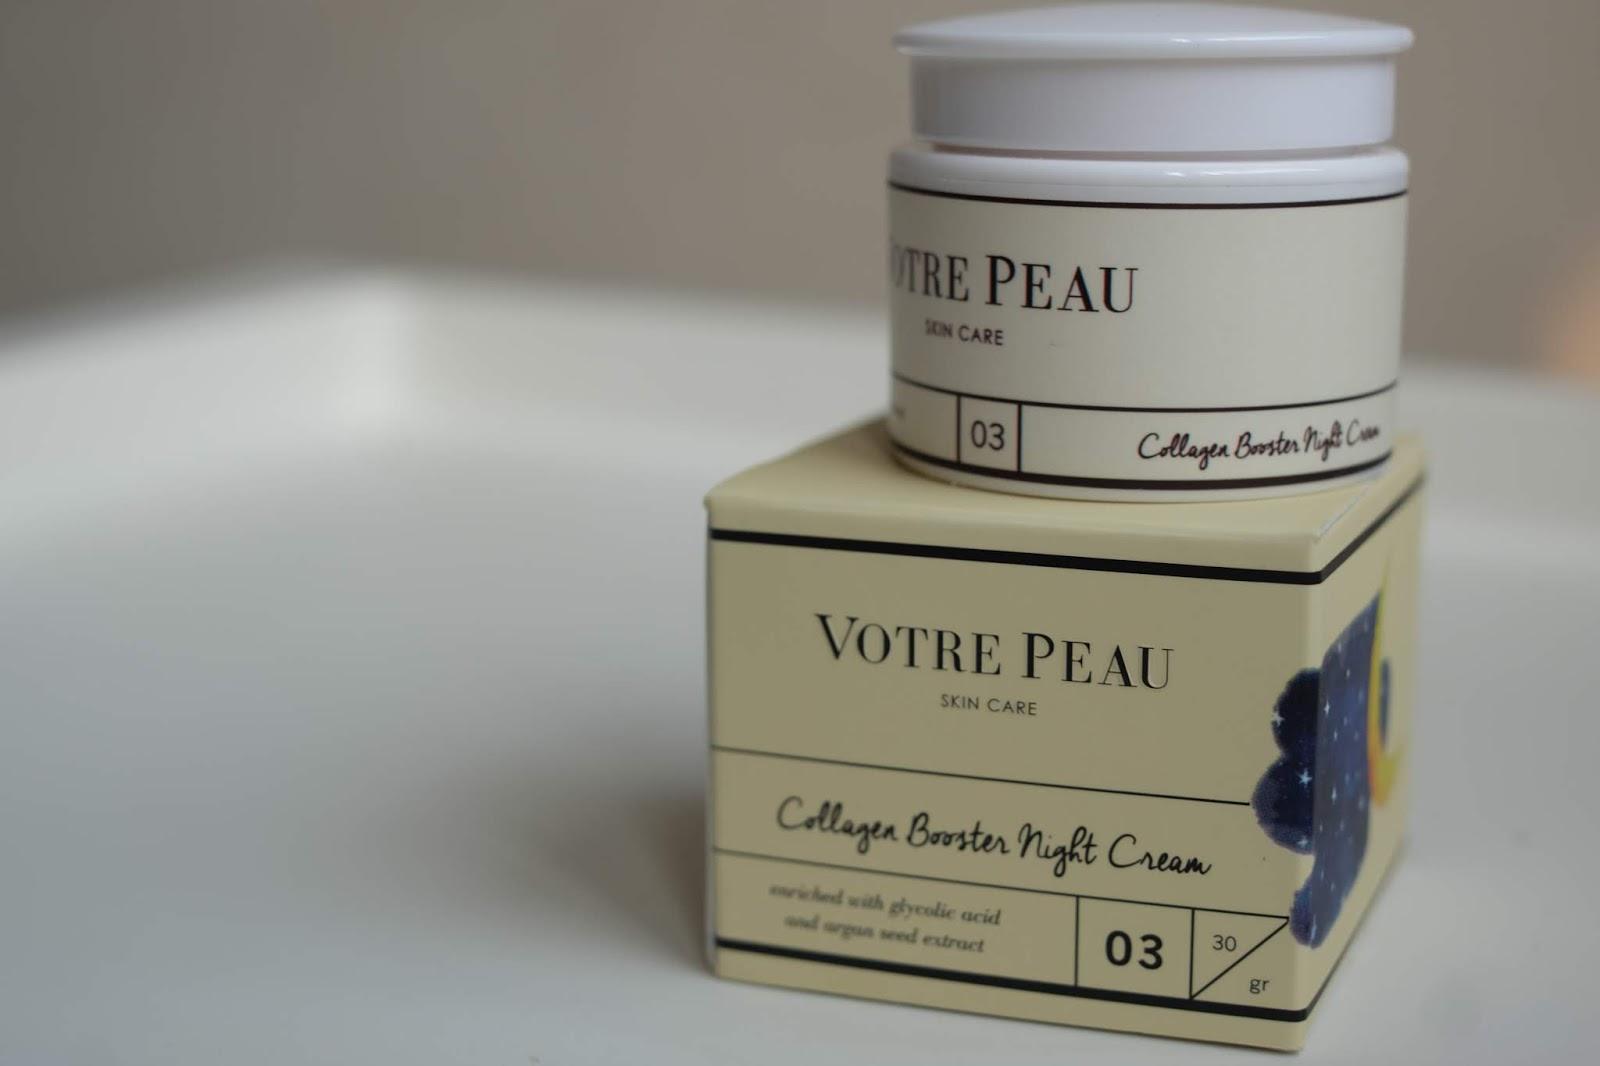 Votre Peau Skincare Collagen Booster Night Cream Spec Dan Daftar Facial Sun Shield Spf 50 30ml Review